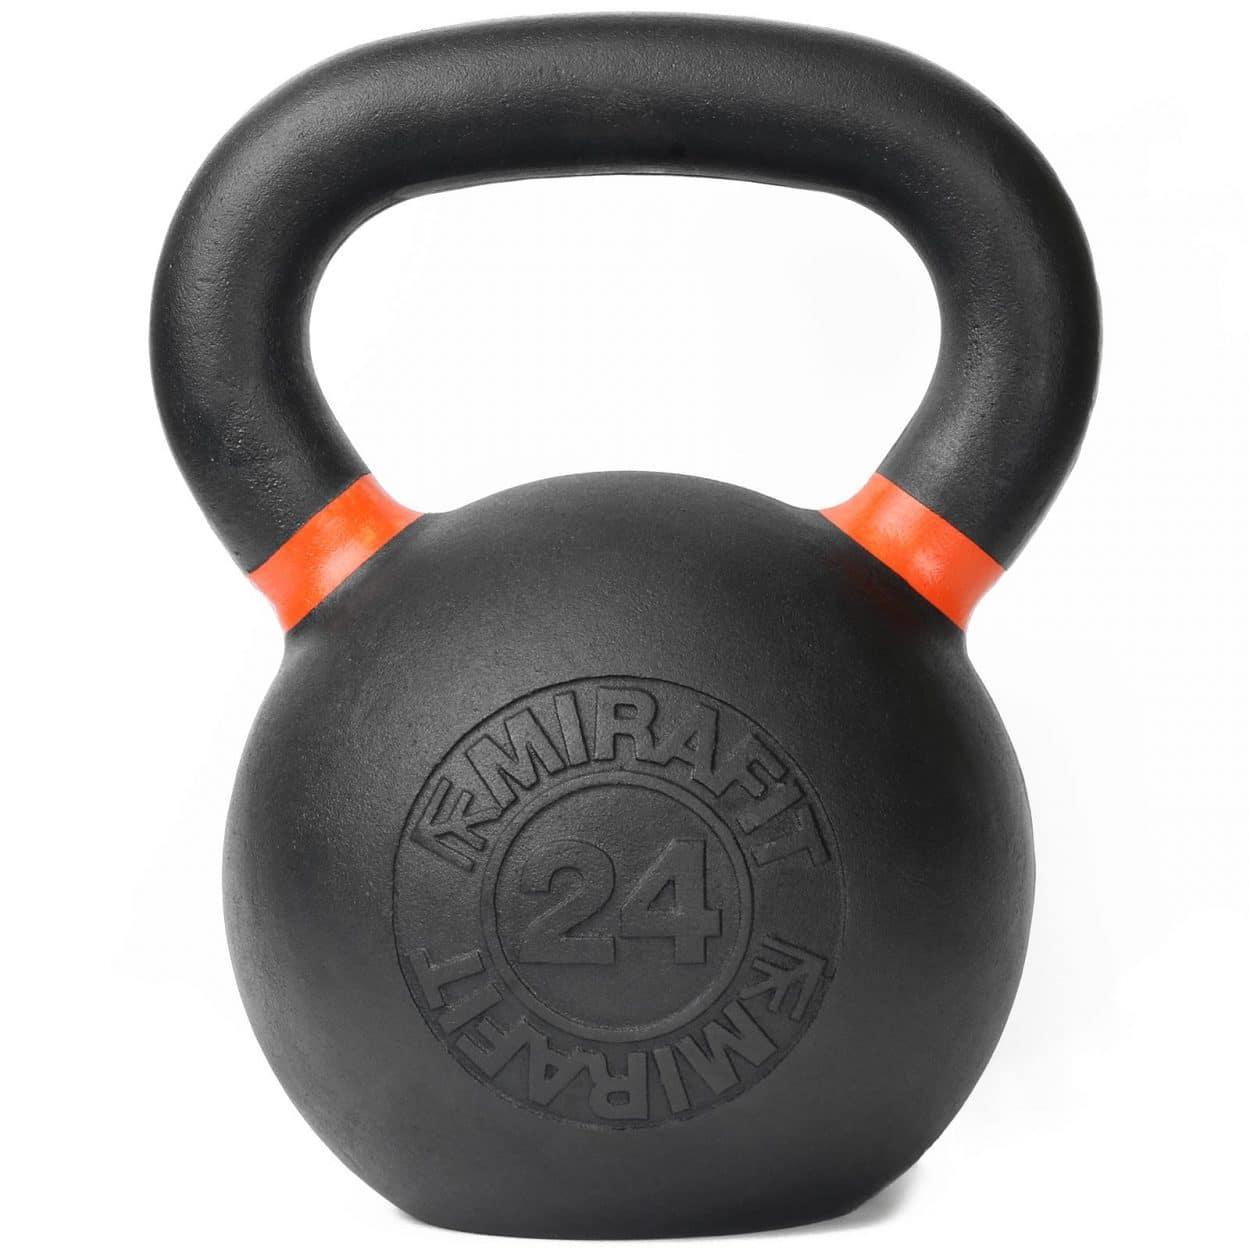 Mirafit Cast Iron Kettlebell – 24kg